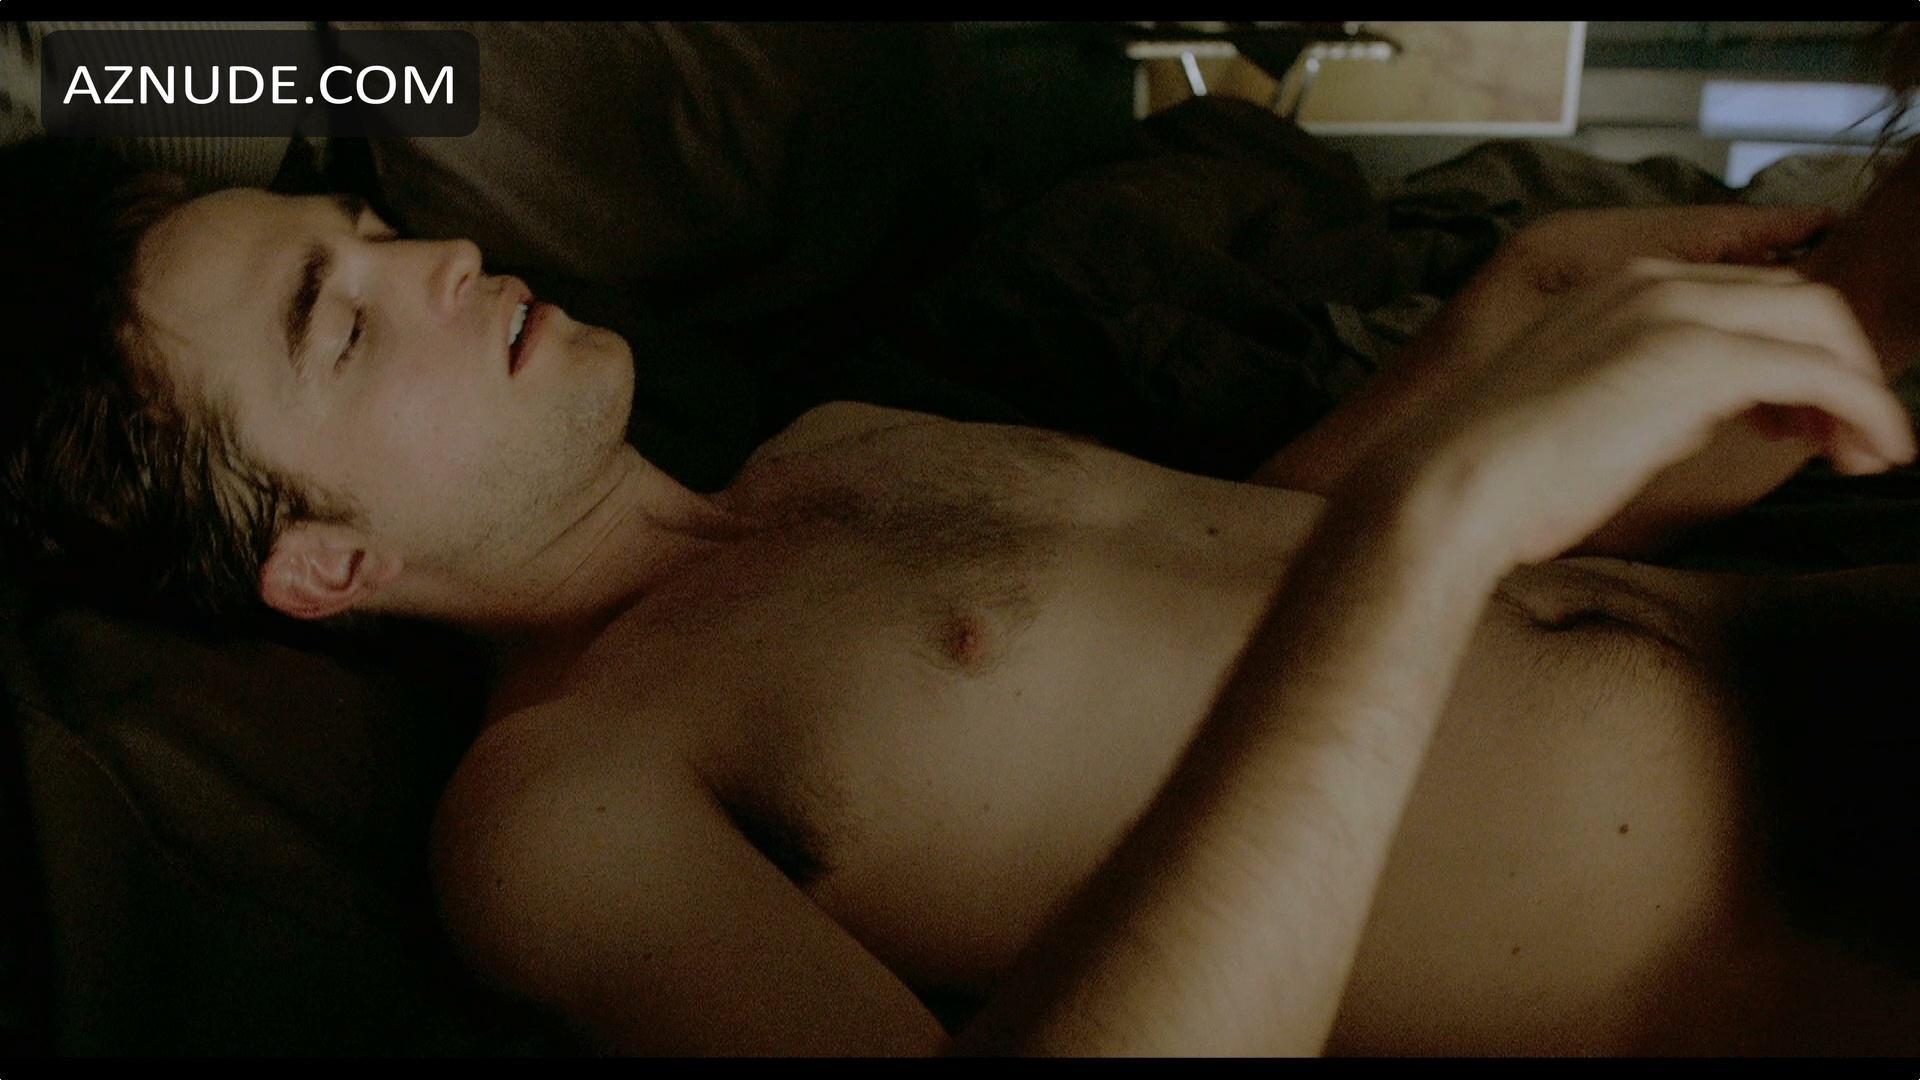 Robert pattinson naked penus